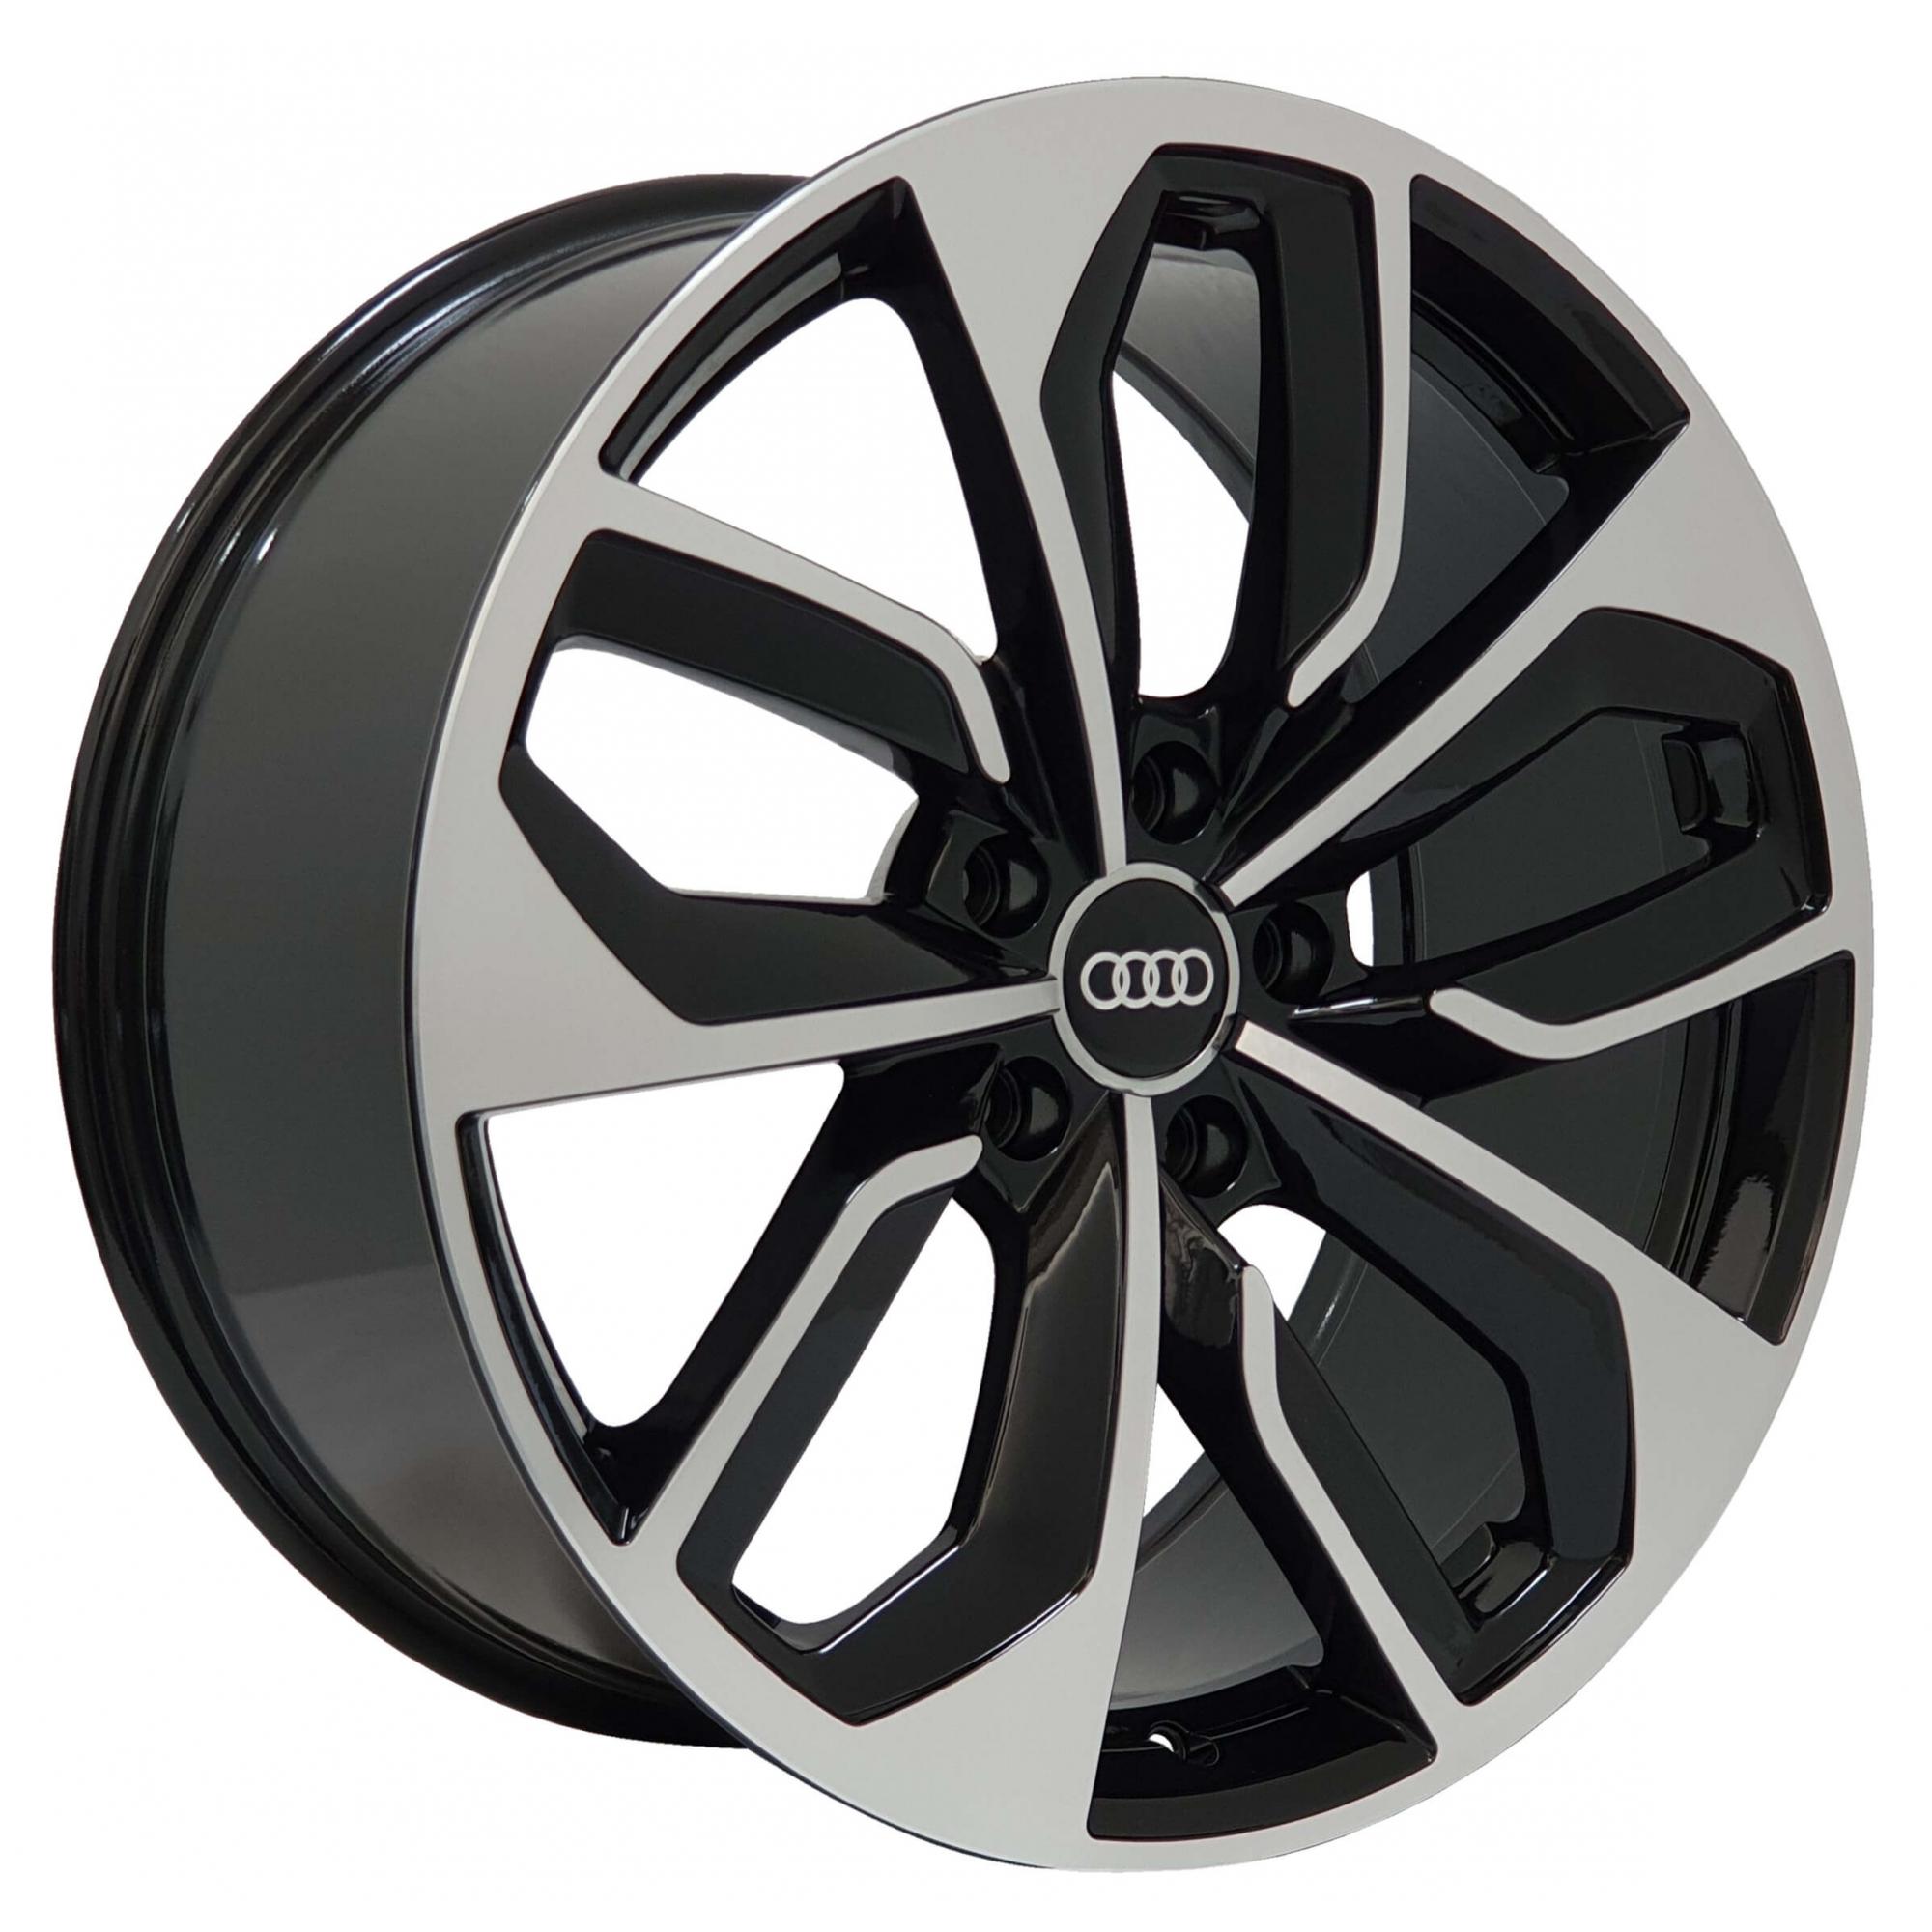 Jogo Rodas Audi RS4 Zeus ZWRS4 Aro 19 5x112 (ET 35) Preto Brilhante Diamantado